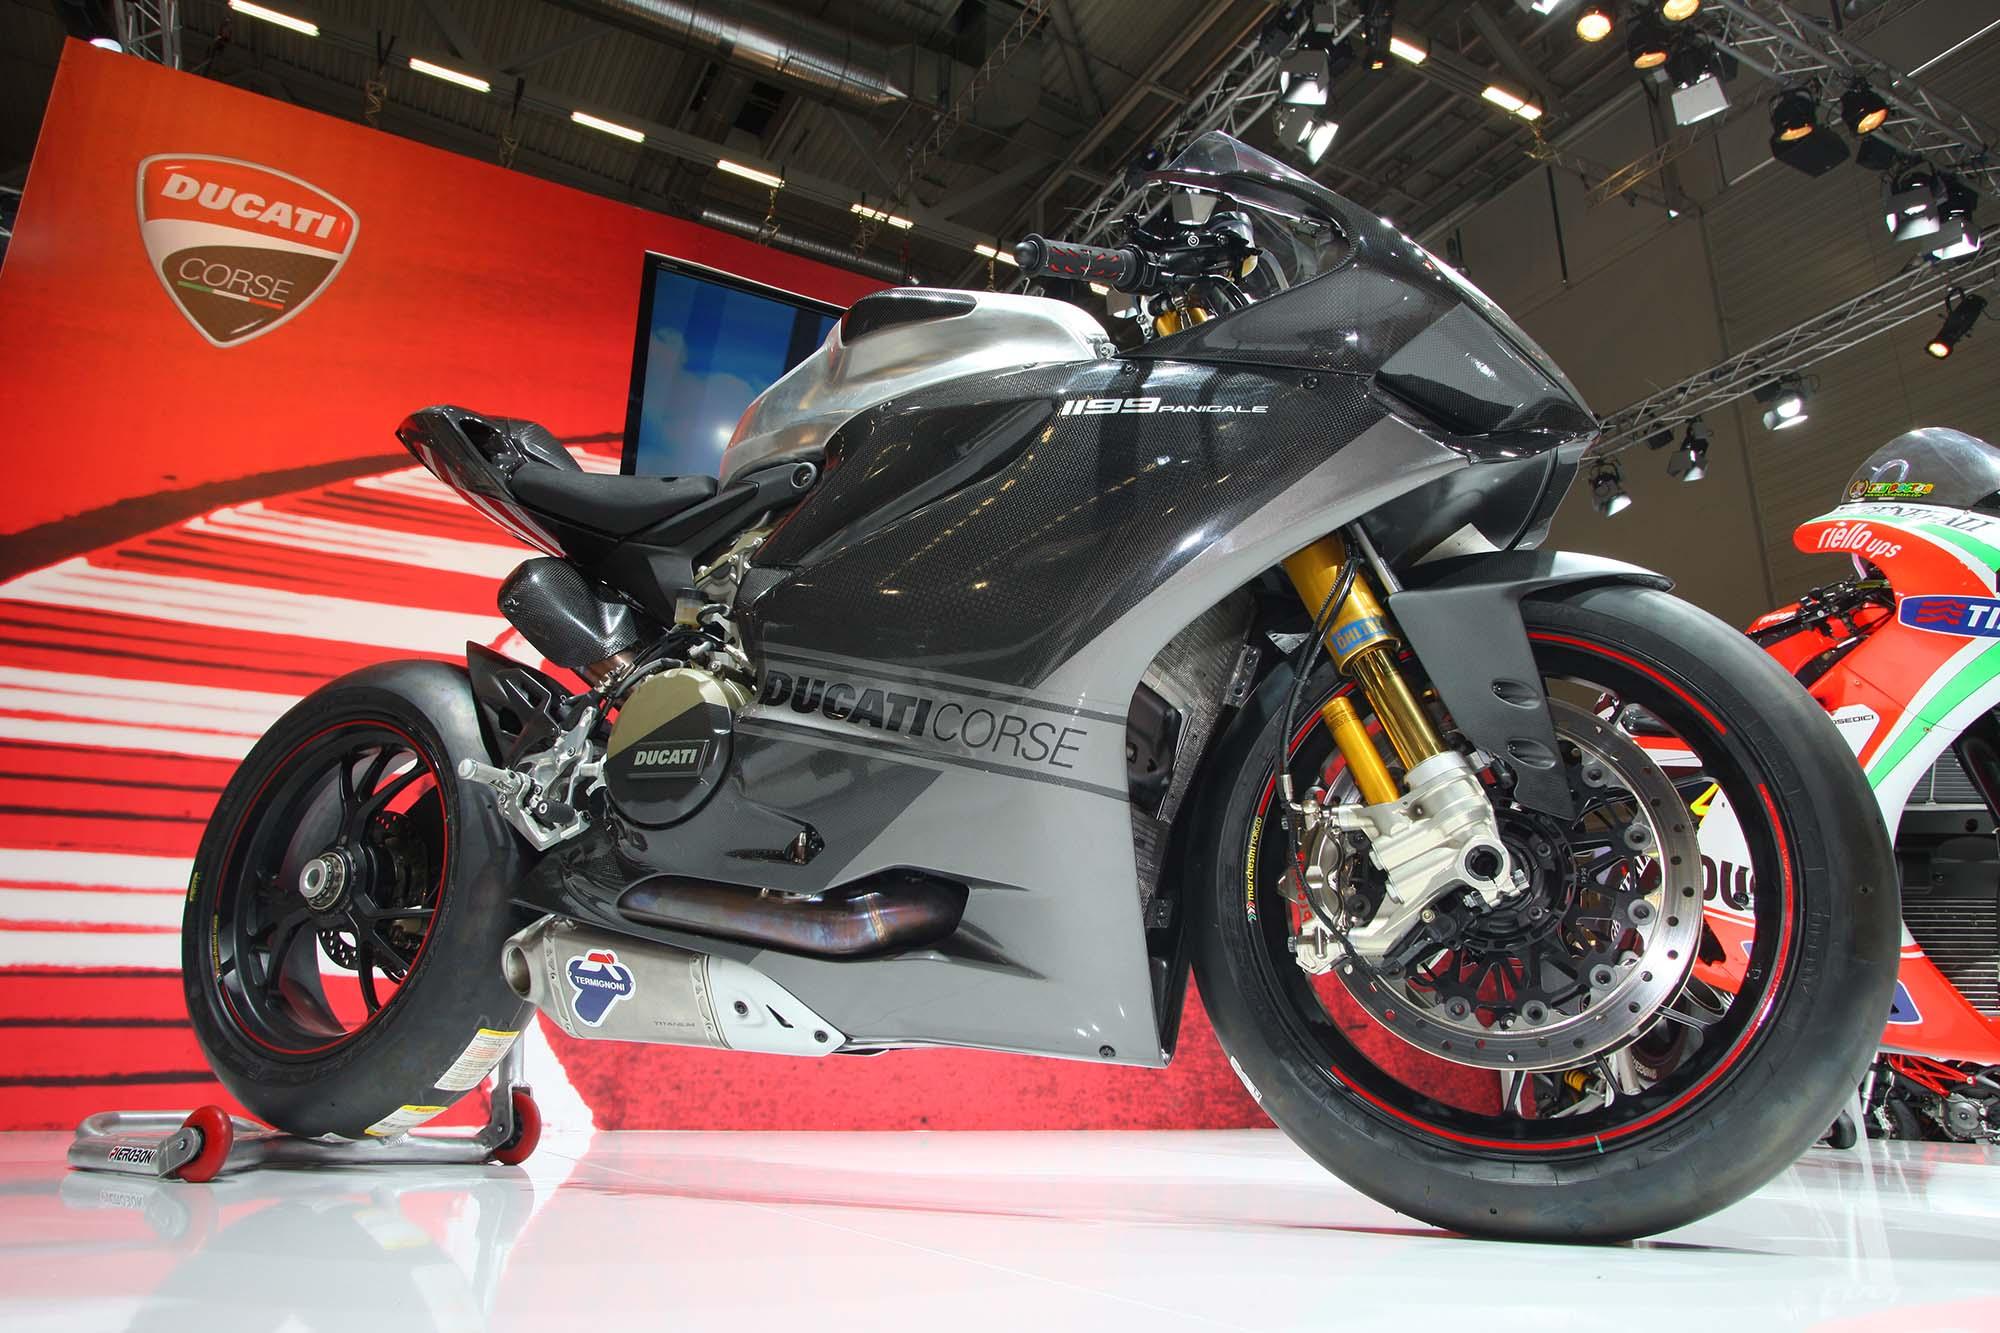 2013-Ducati-1199-Panigale-RS13-02.jpg